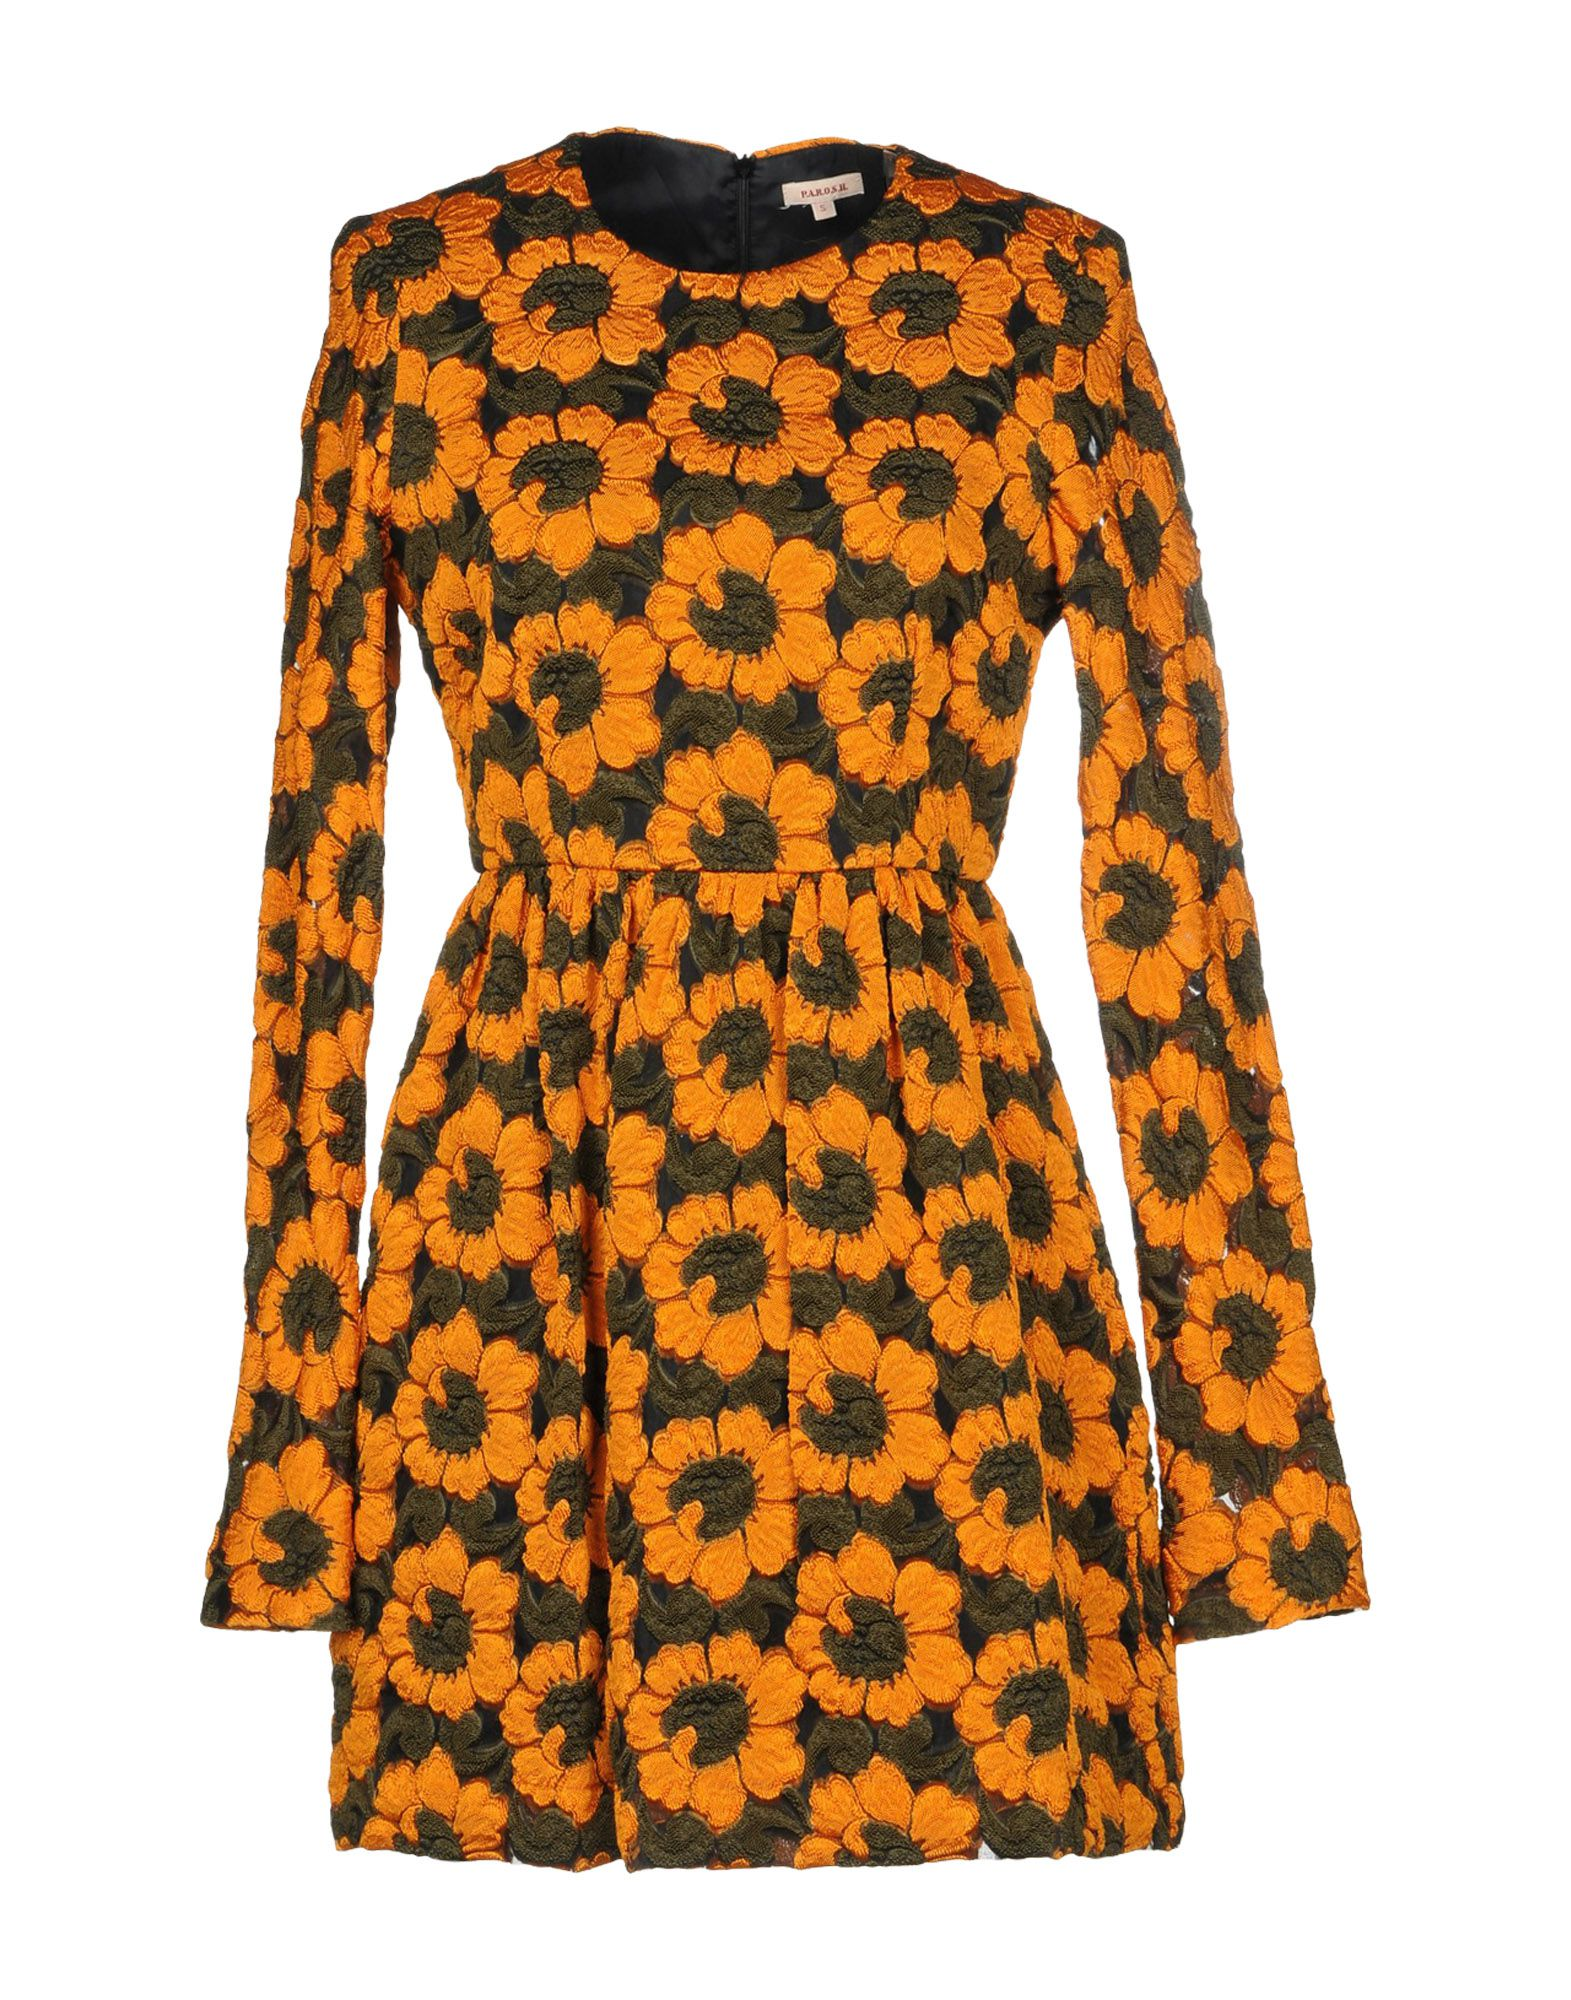 P.A.R.O.S.H. Короткое платье lovaru ™новый 2015 мода новые печатные органза сладкий простой талии платье женщина casual платье